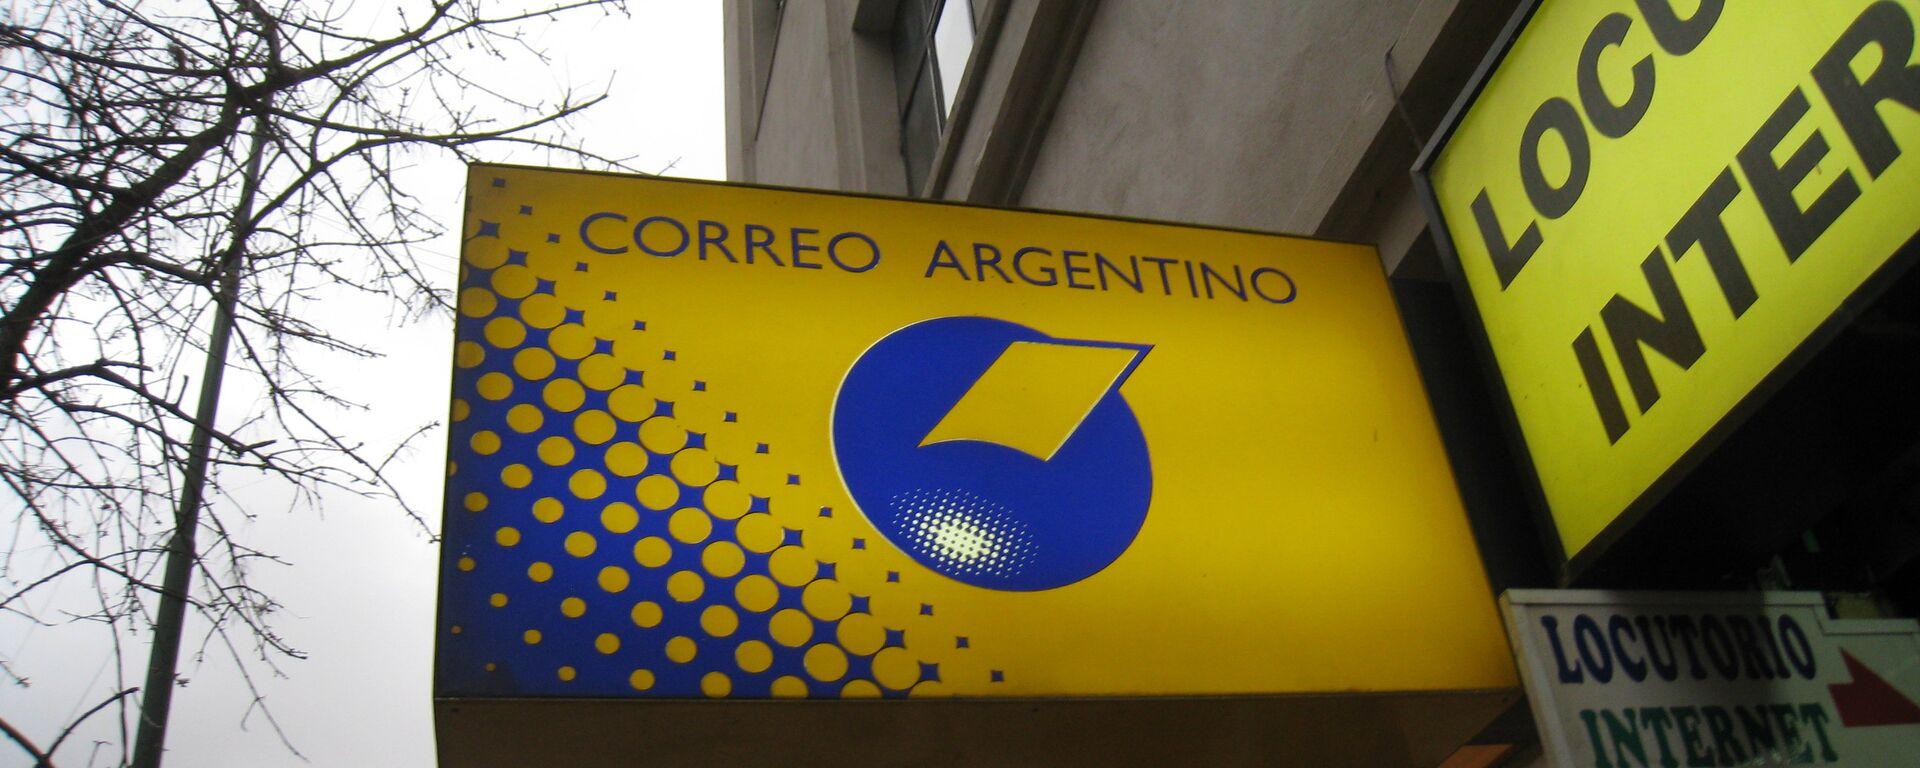 Logo de Correo Argentino - Sputnik Mundo, 1920, 05.07.2021